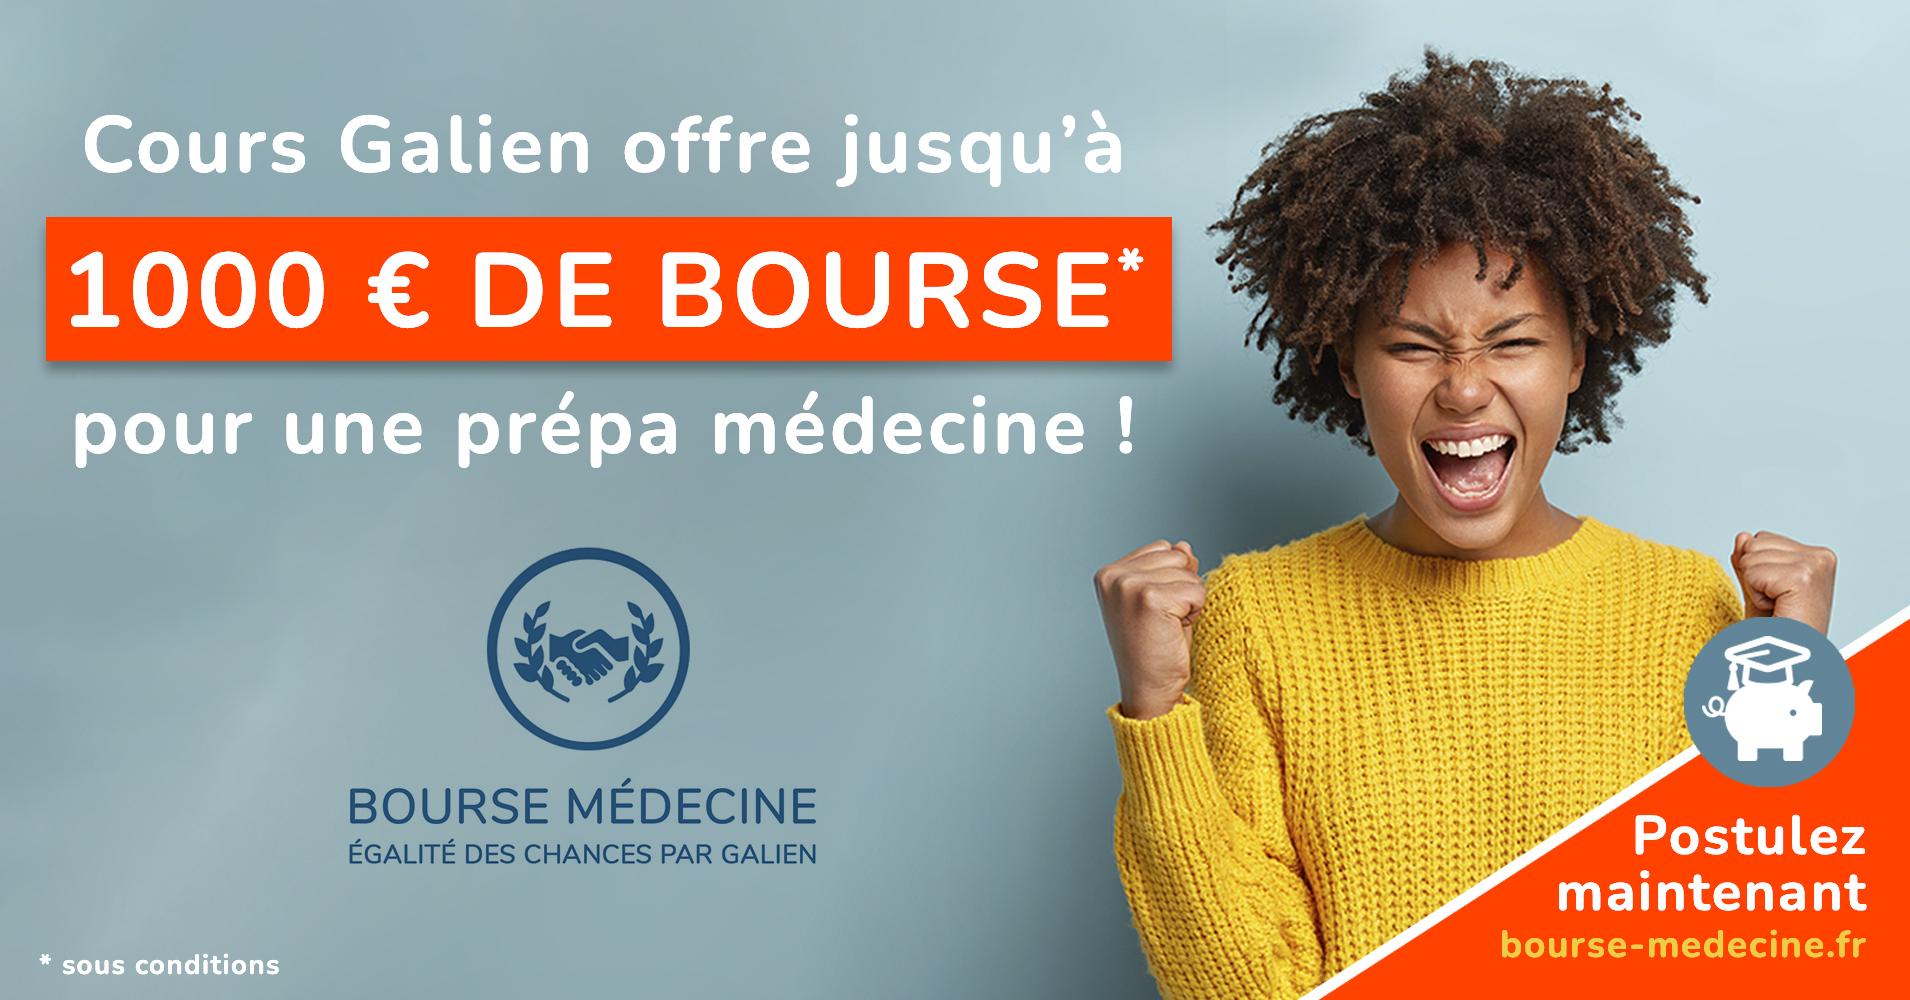 Bourse Médecine - Cours Galien : Programme égalité des chances